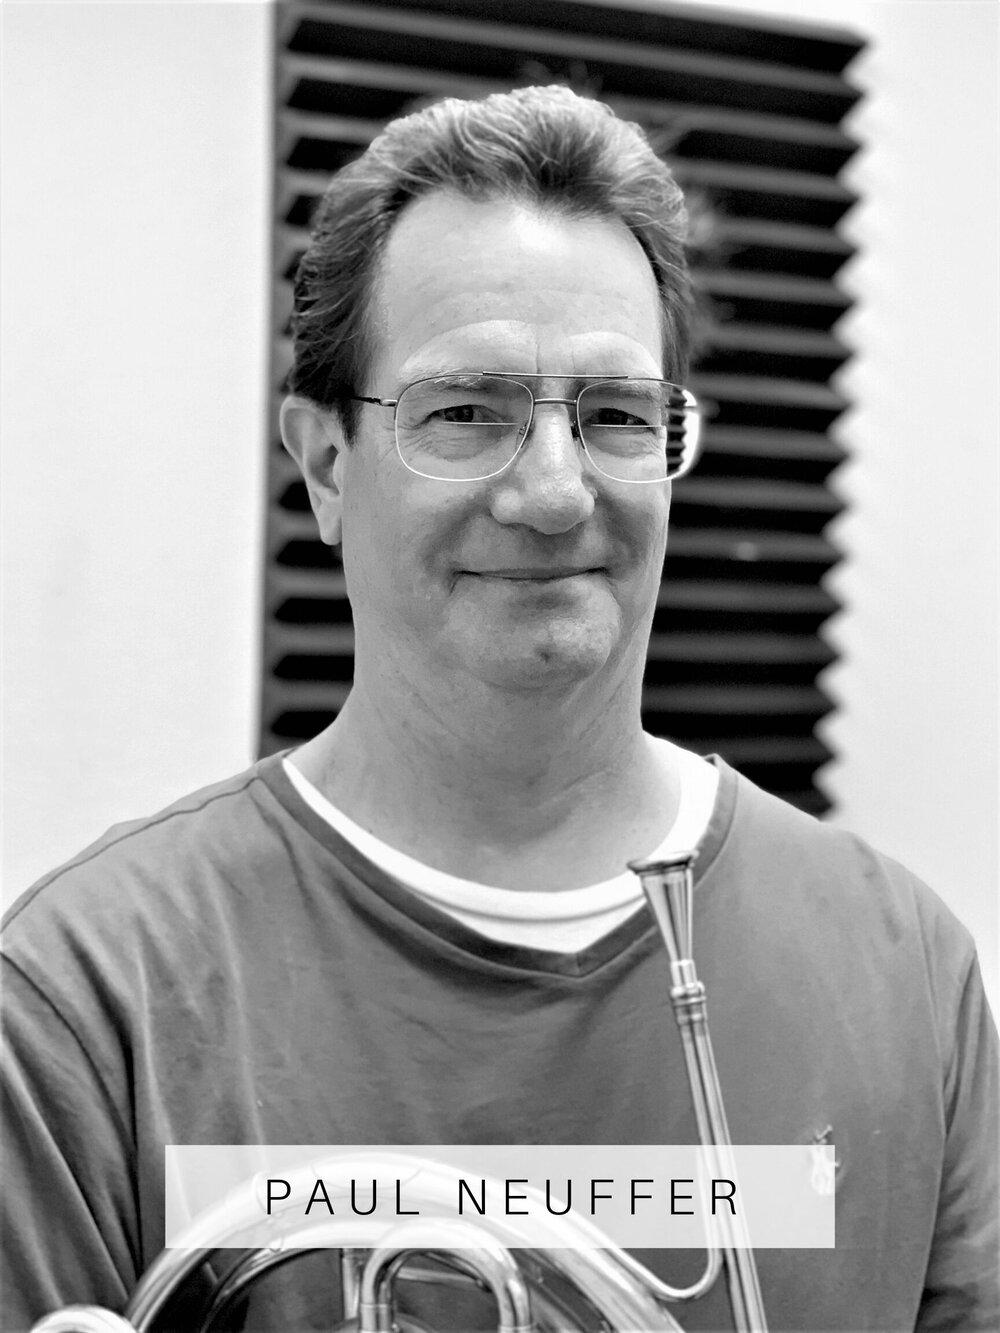 Paul Neuffer